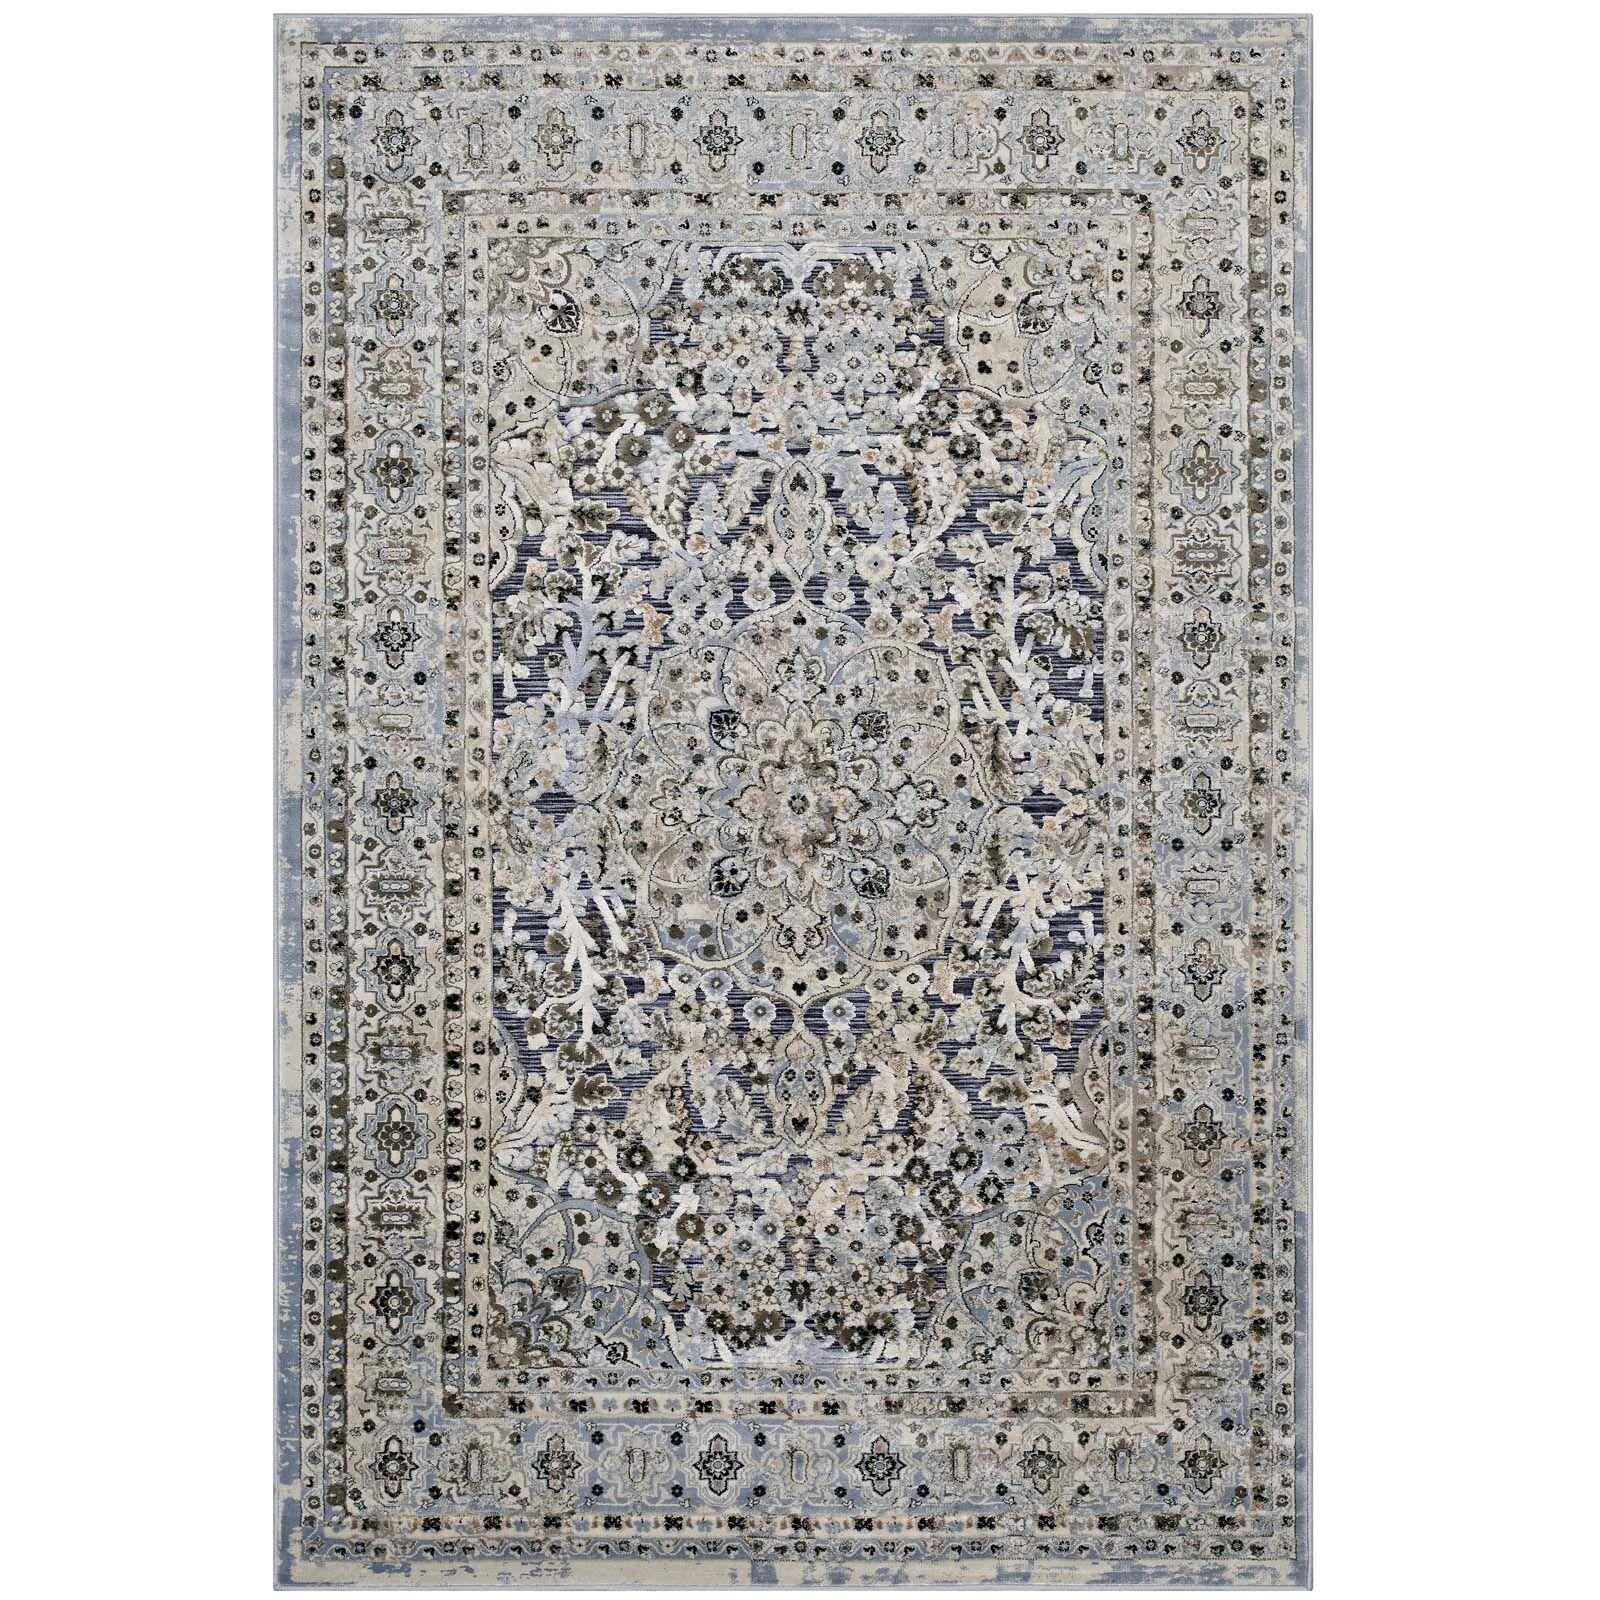 Prevost Ornate Vintage Floral Turkish Blue/Cream Area Rug Rug Size: 8' x 10'